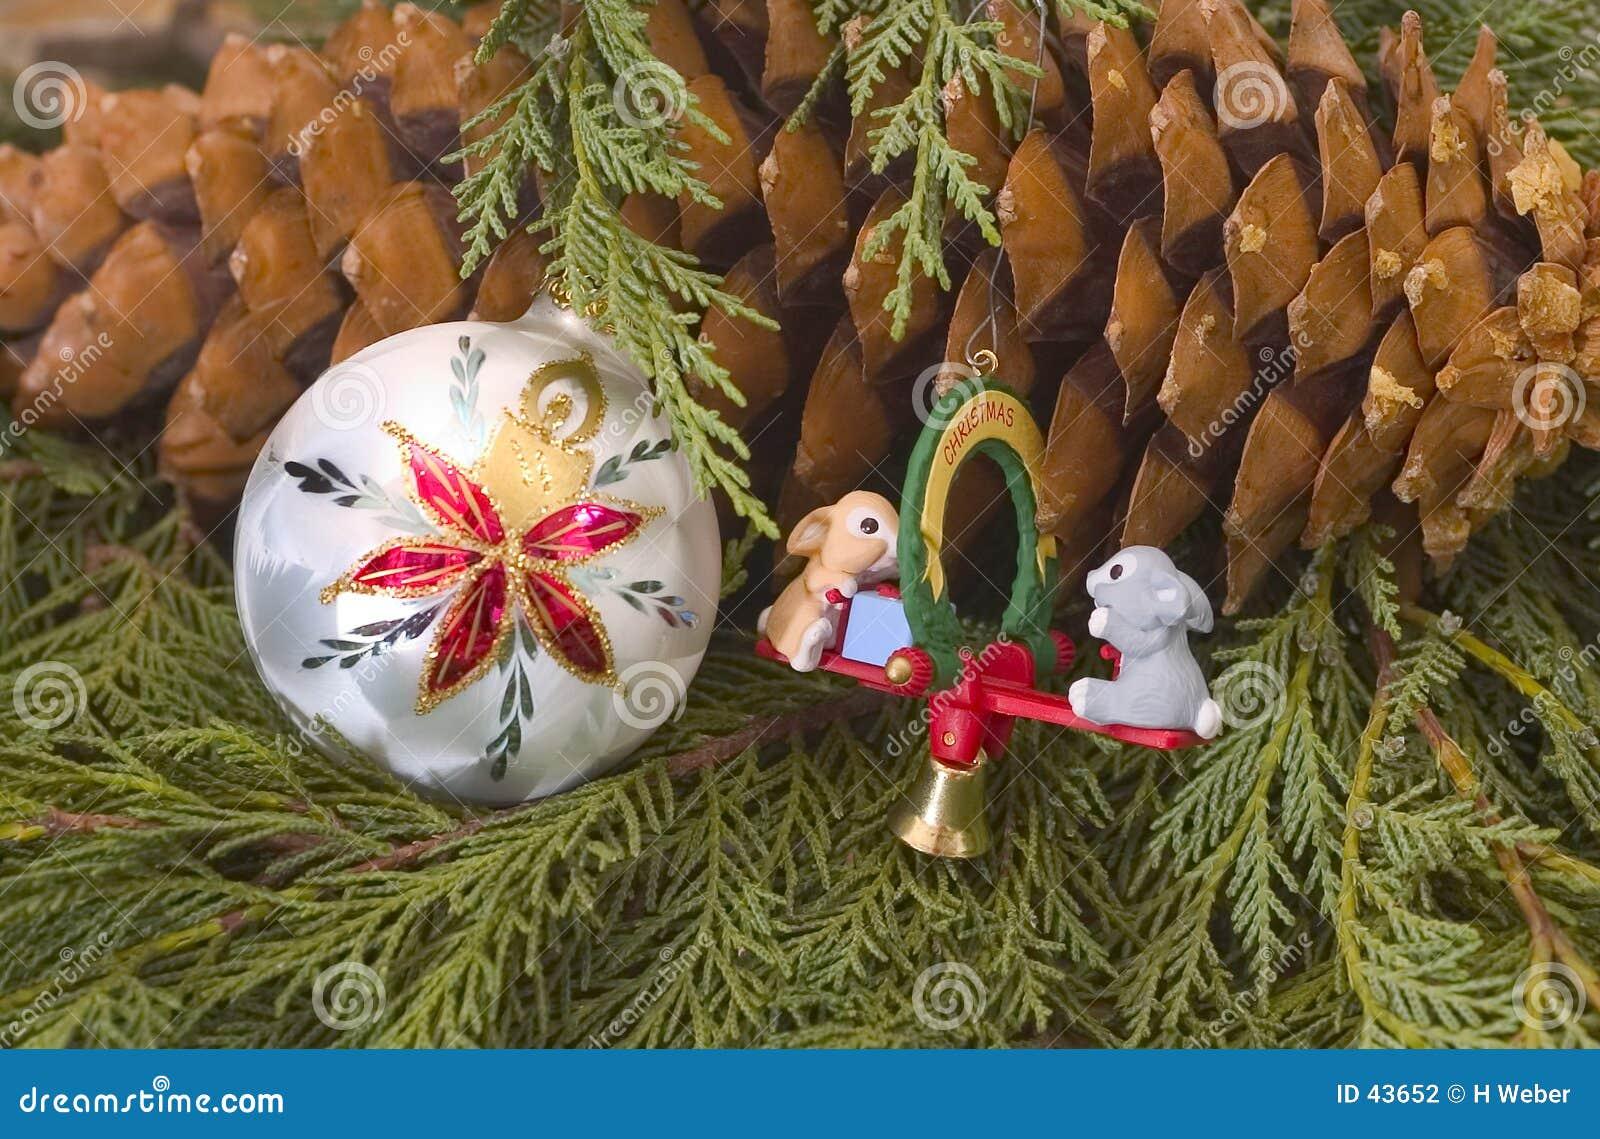 Ozdoby świąteczne drzewko